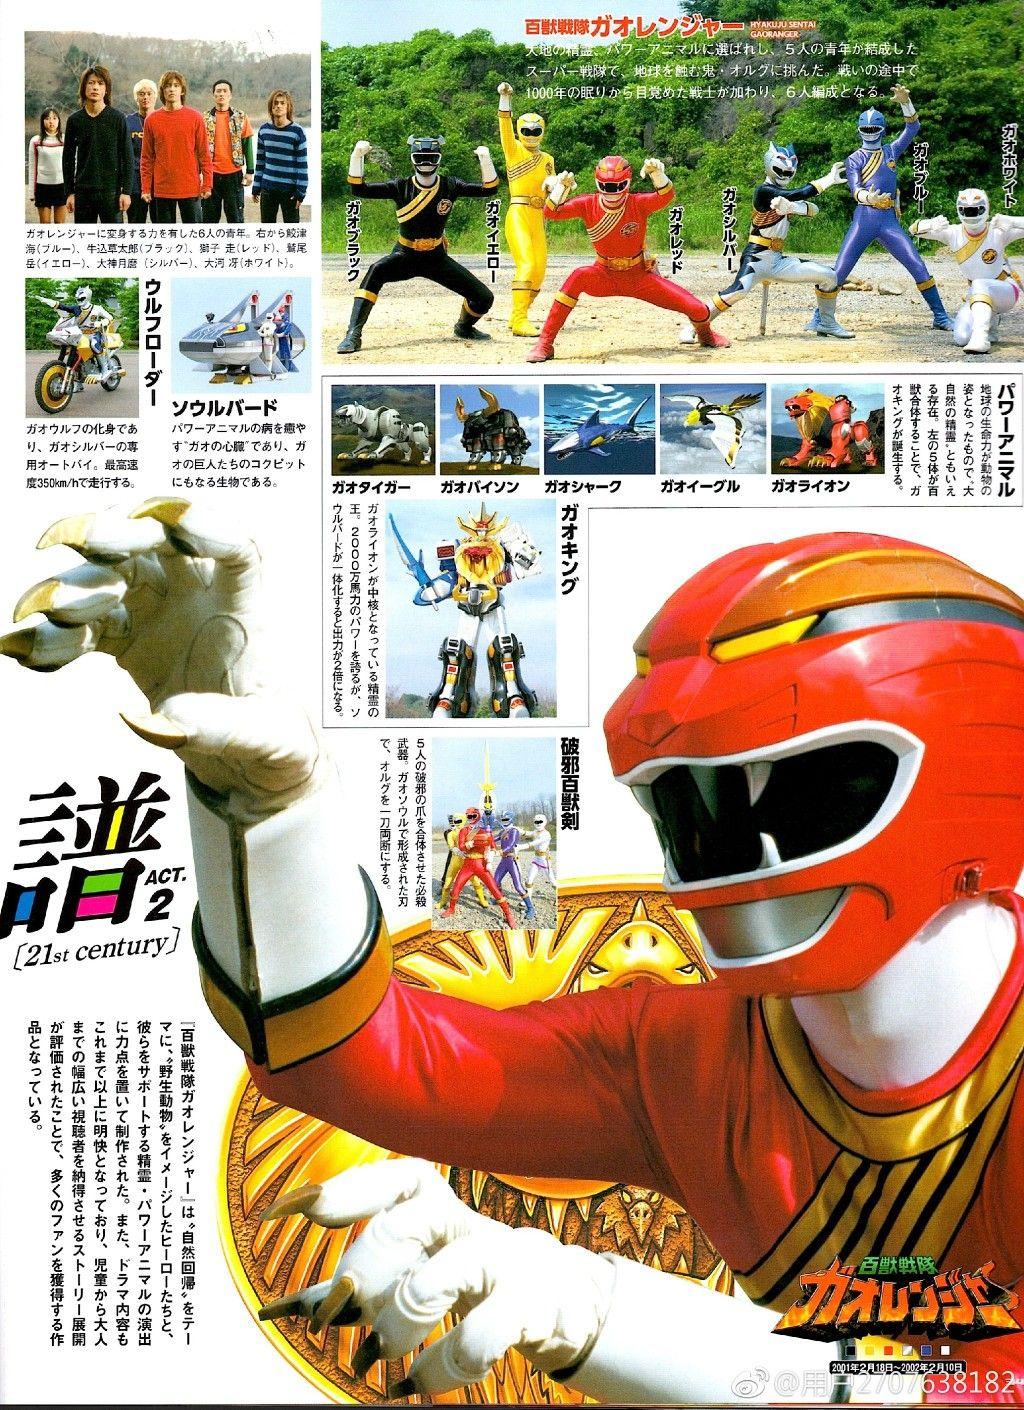 01 hyakujuu sentai gaoranger power rangers wild force power rangers power rangers art